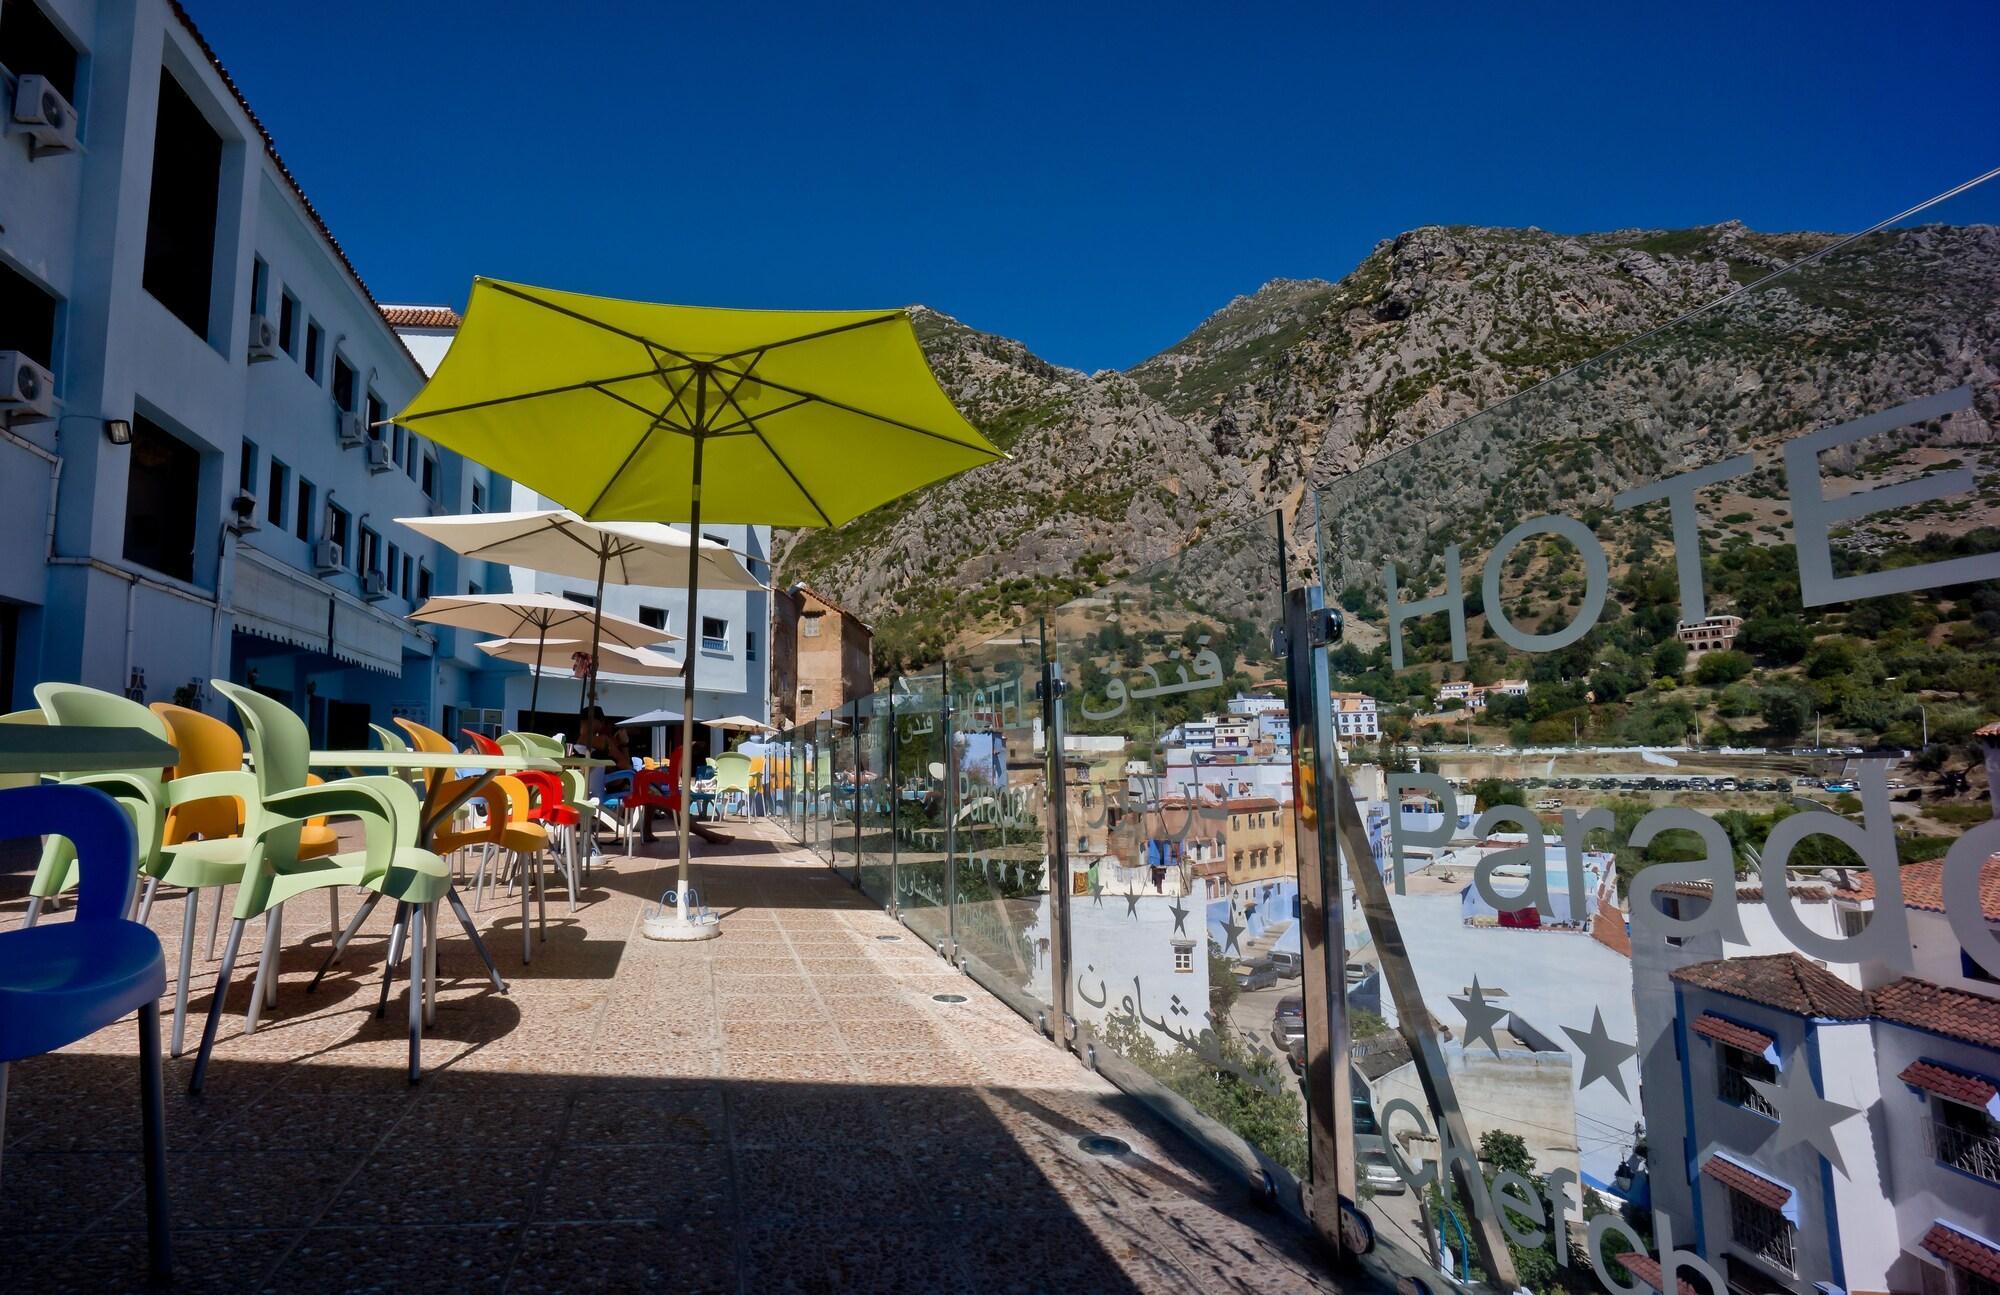 Hotel Parador, Chefchaouen: encuentra el mejor precio